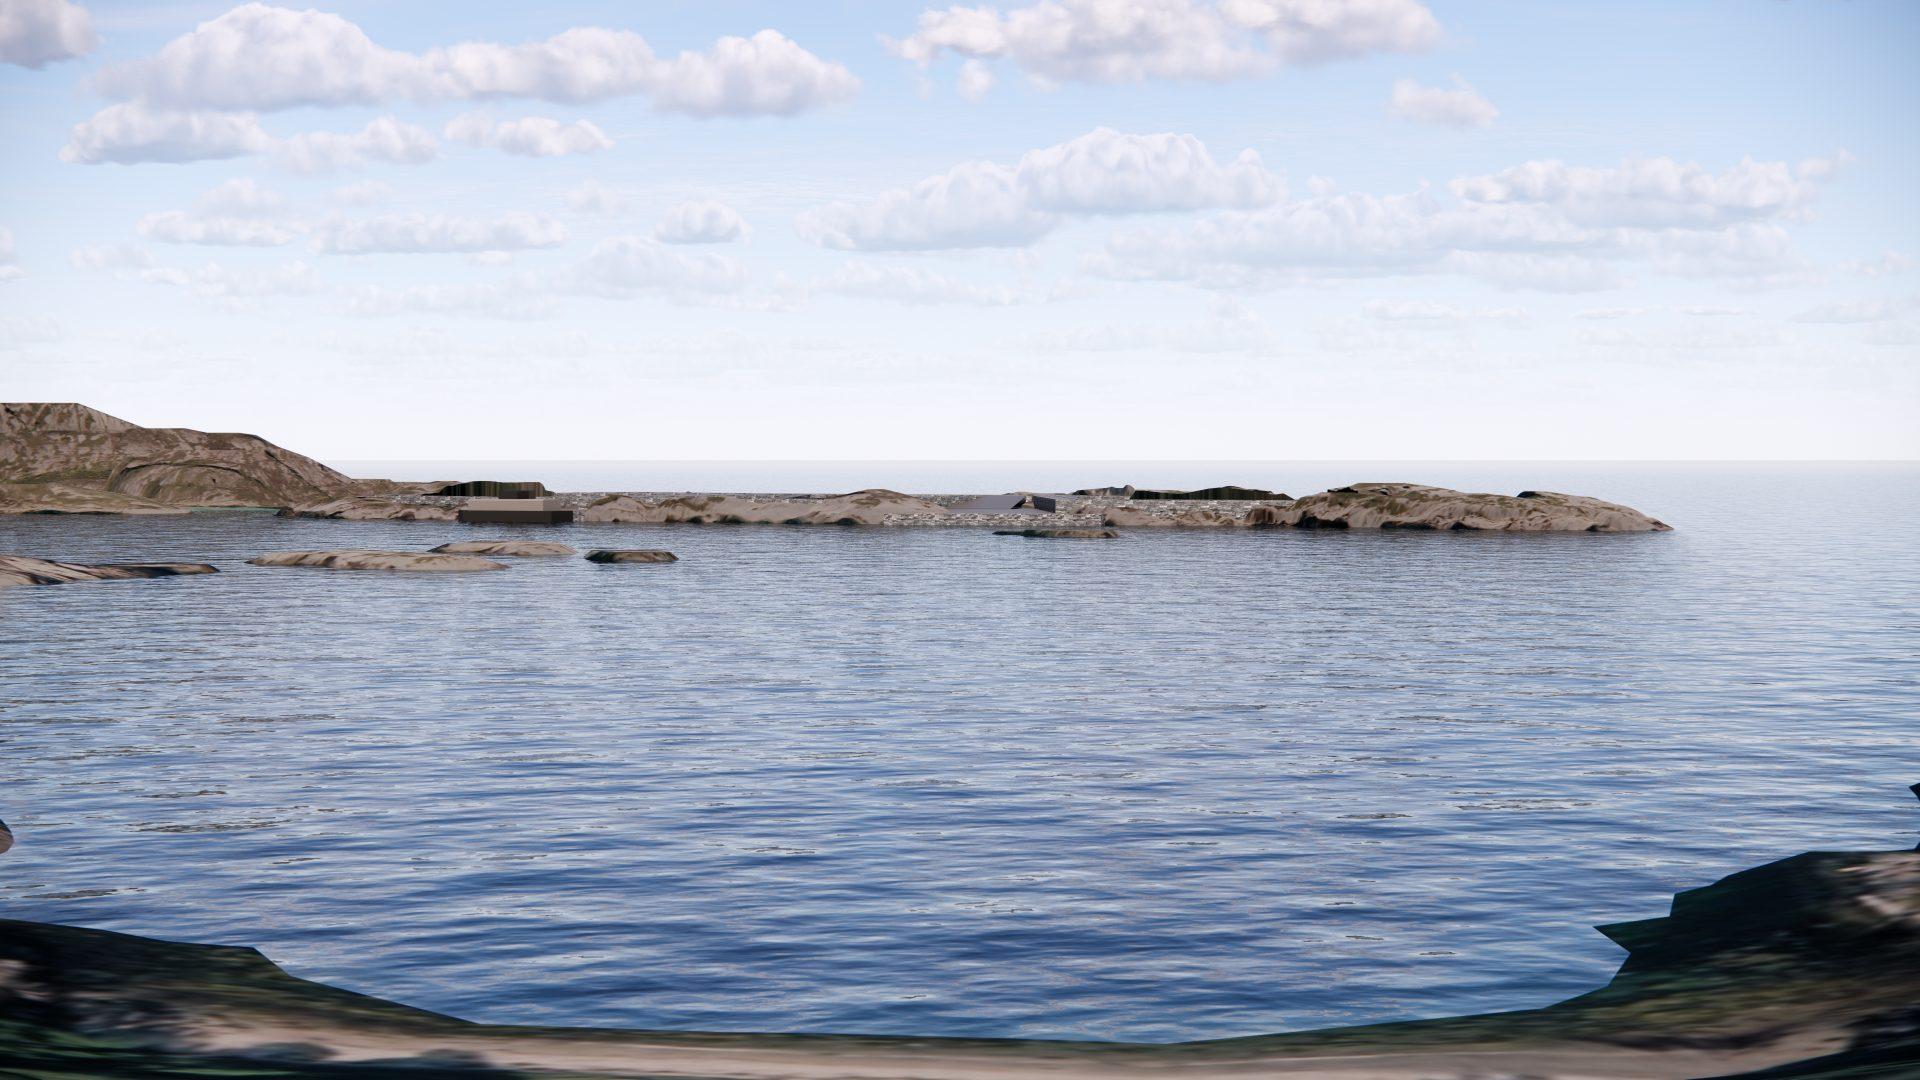 Perspektiv, illustrasjon av Gigante Salmon Rødøy